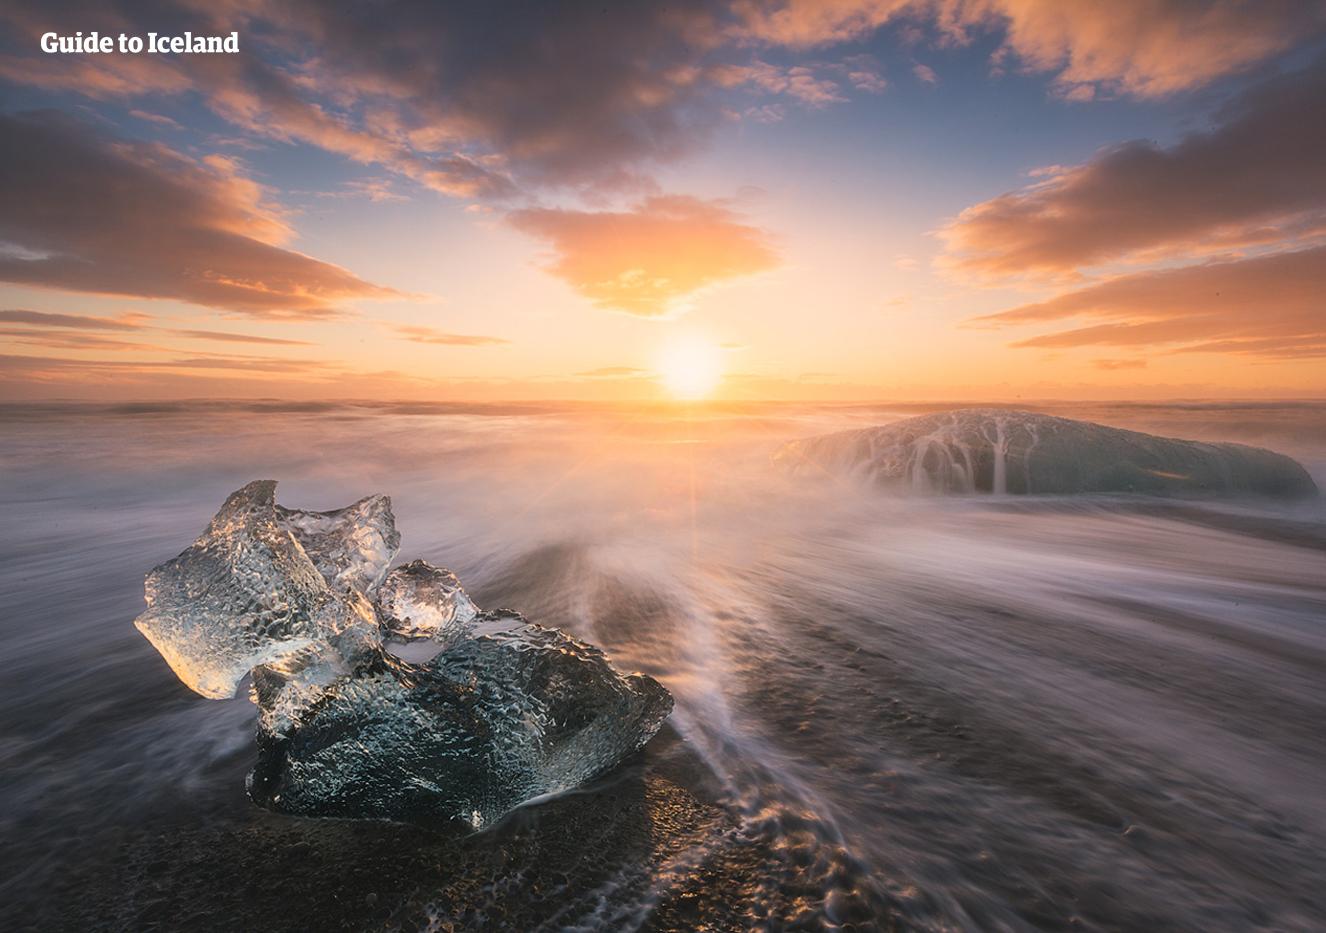 El hielo se derrite cuando el sol se pone en la Playa Diamante en el Parque Nacional Vatnajökull.